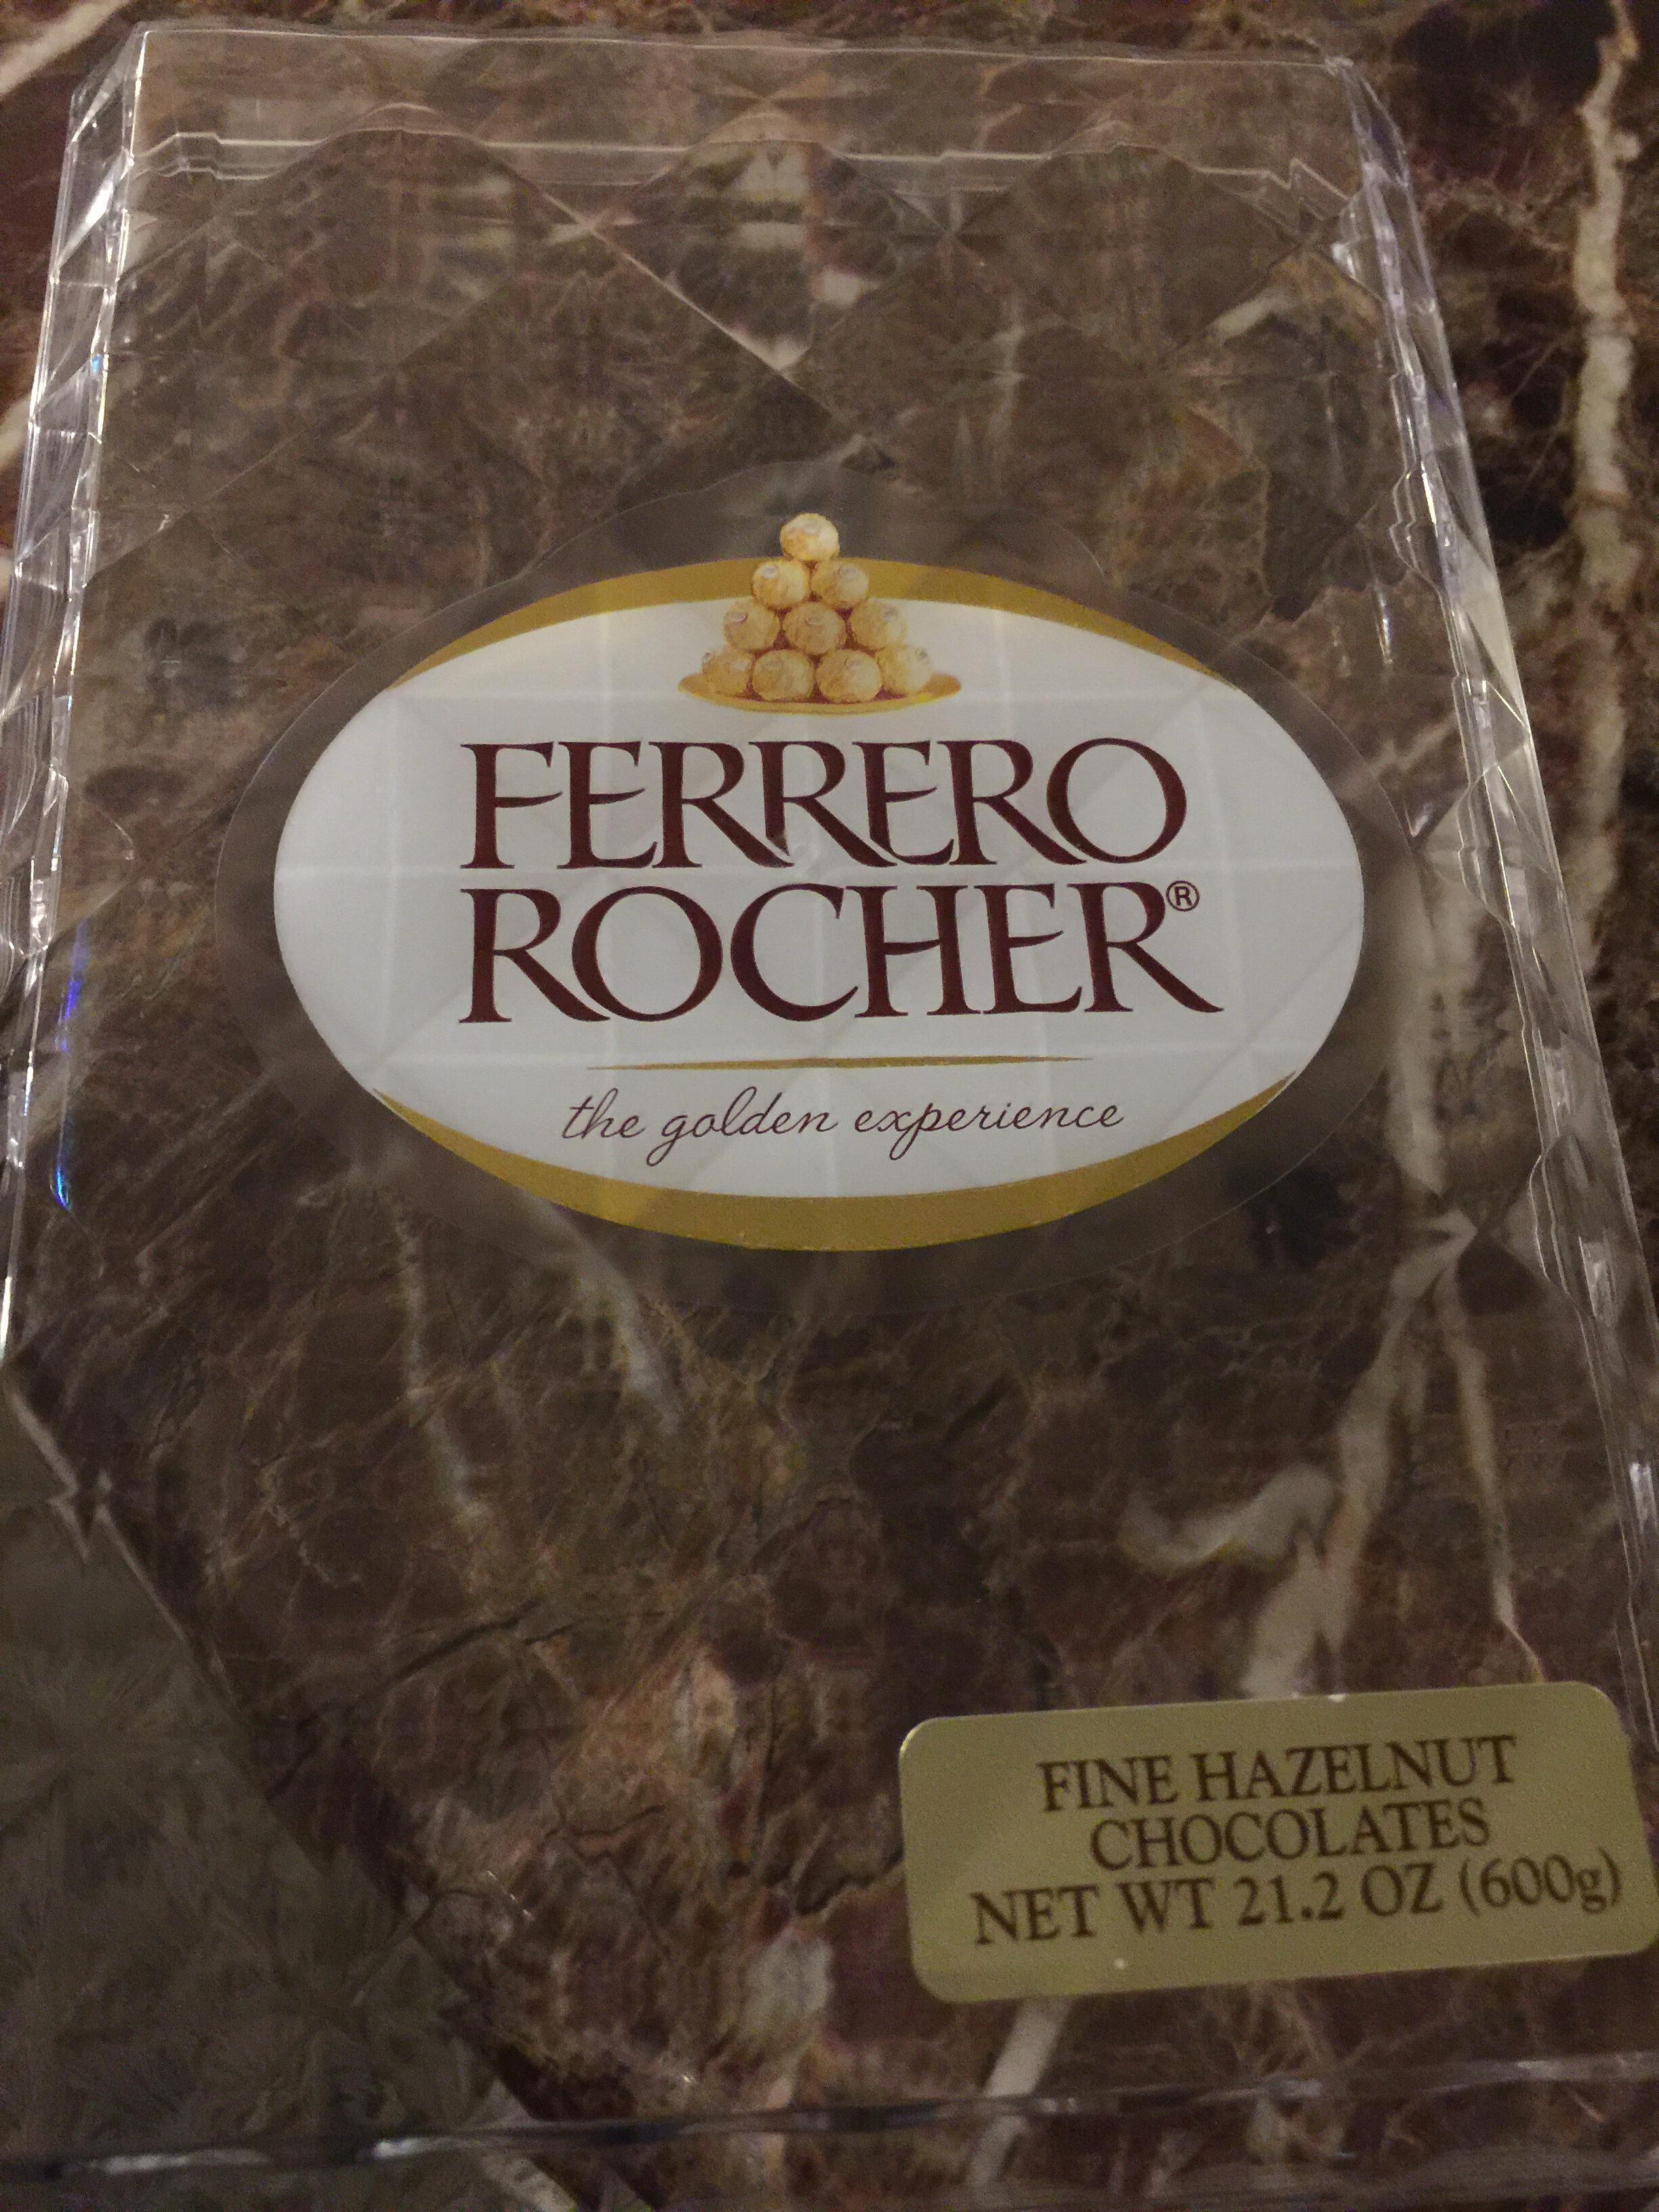 Ferrero Rocher Fine Hazelnut Chocolates 21.2 Oz. Pack - Product